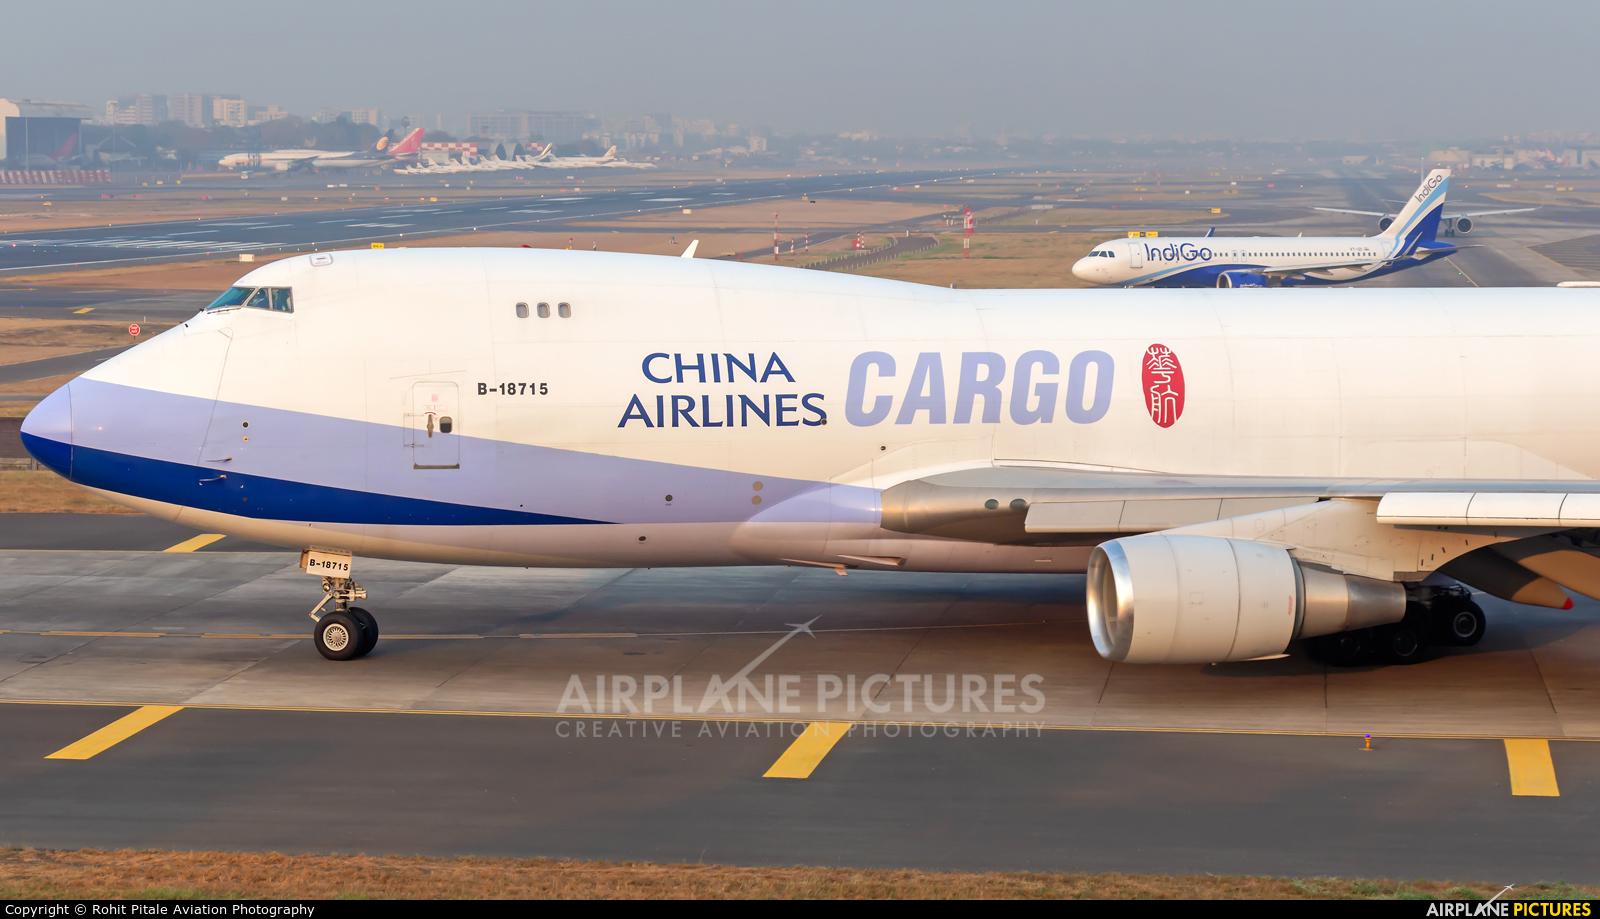 China Airlines Cargo B-18715 aircraft at Mumbai - Chhatrapati Shivaji Intl